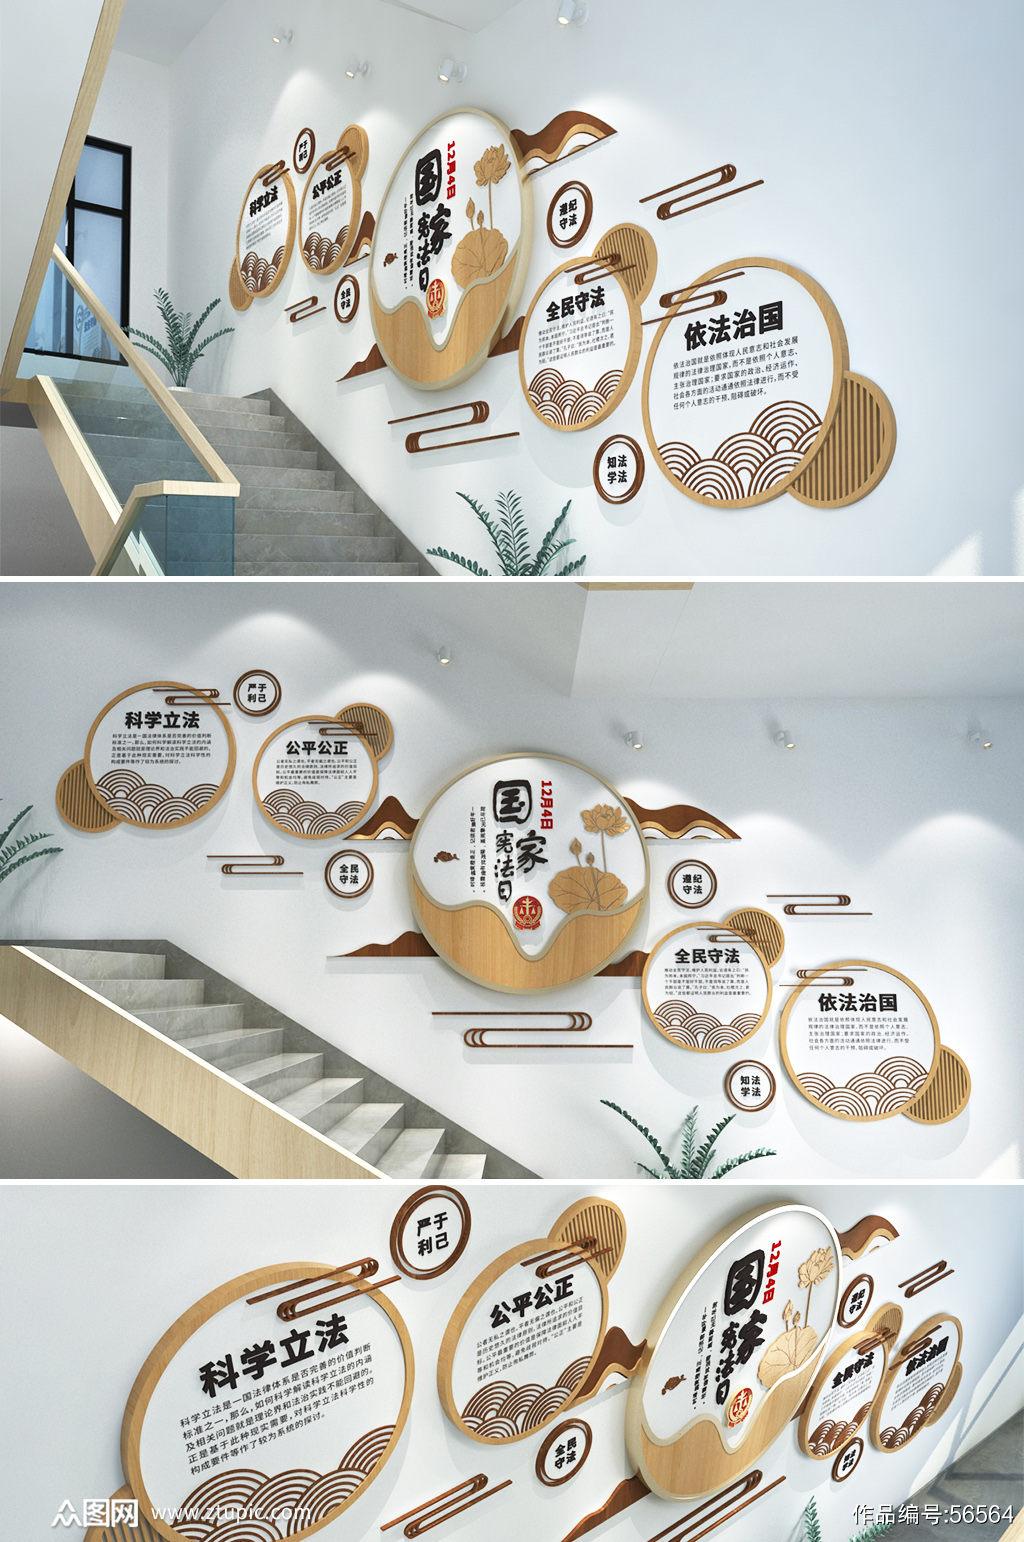 宪法日法治楼道楼梯司法文化墙素材